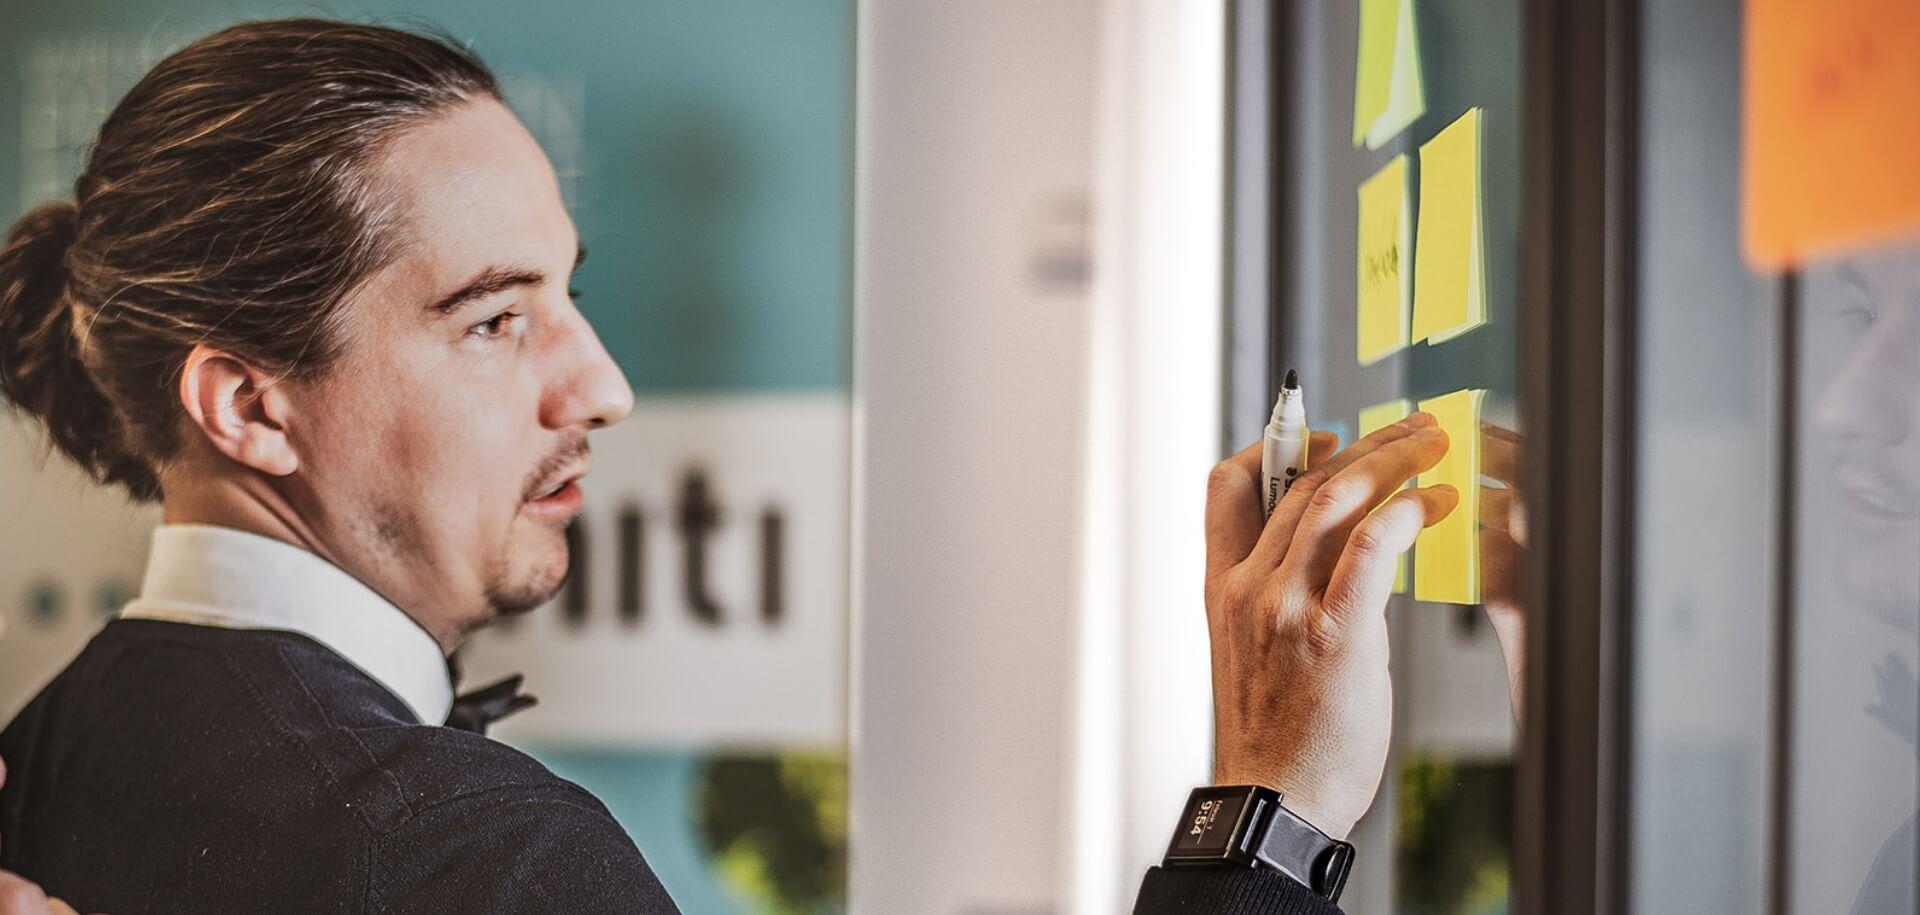 Werde UX oder UI Designer - Jobs und Karriere in der UX Agentur igniti